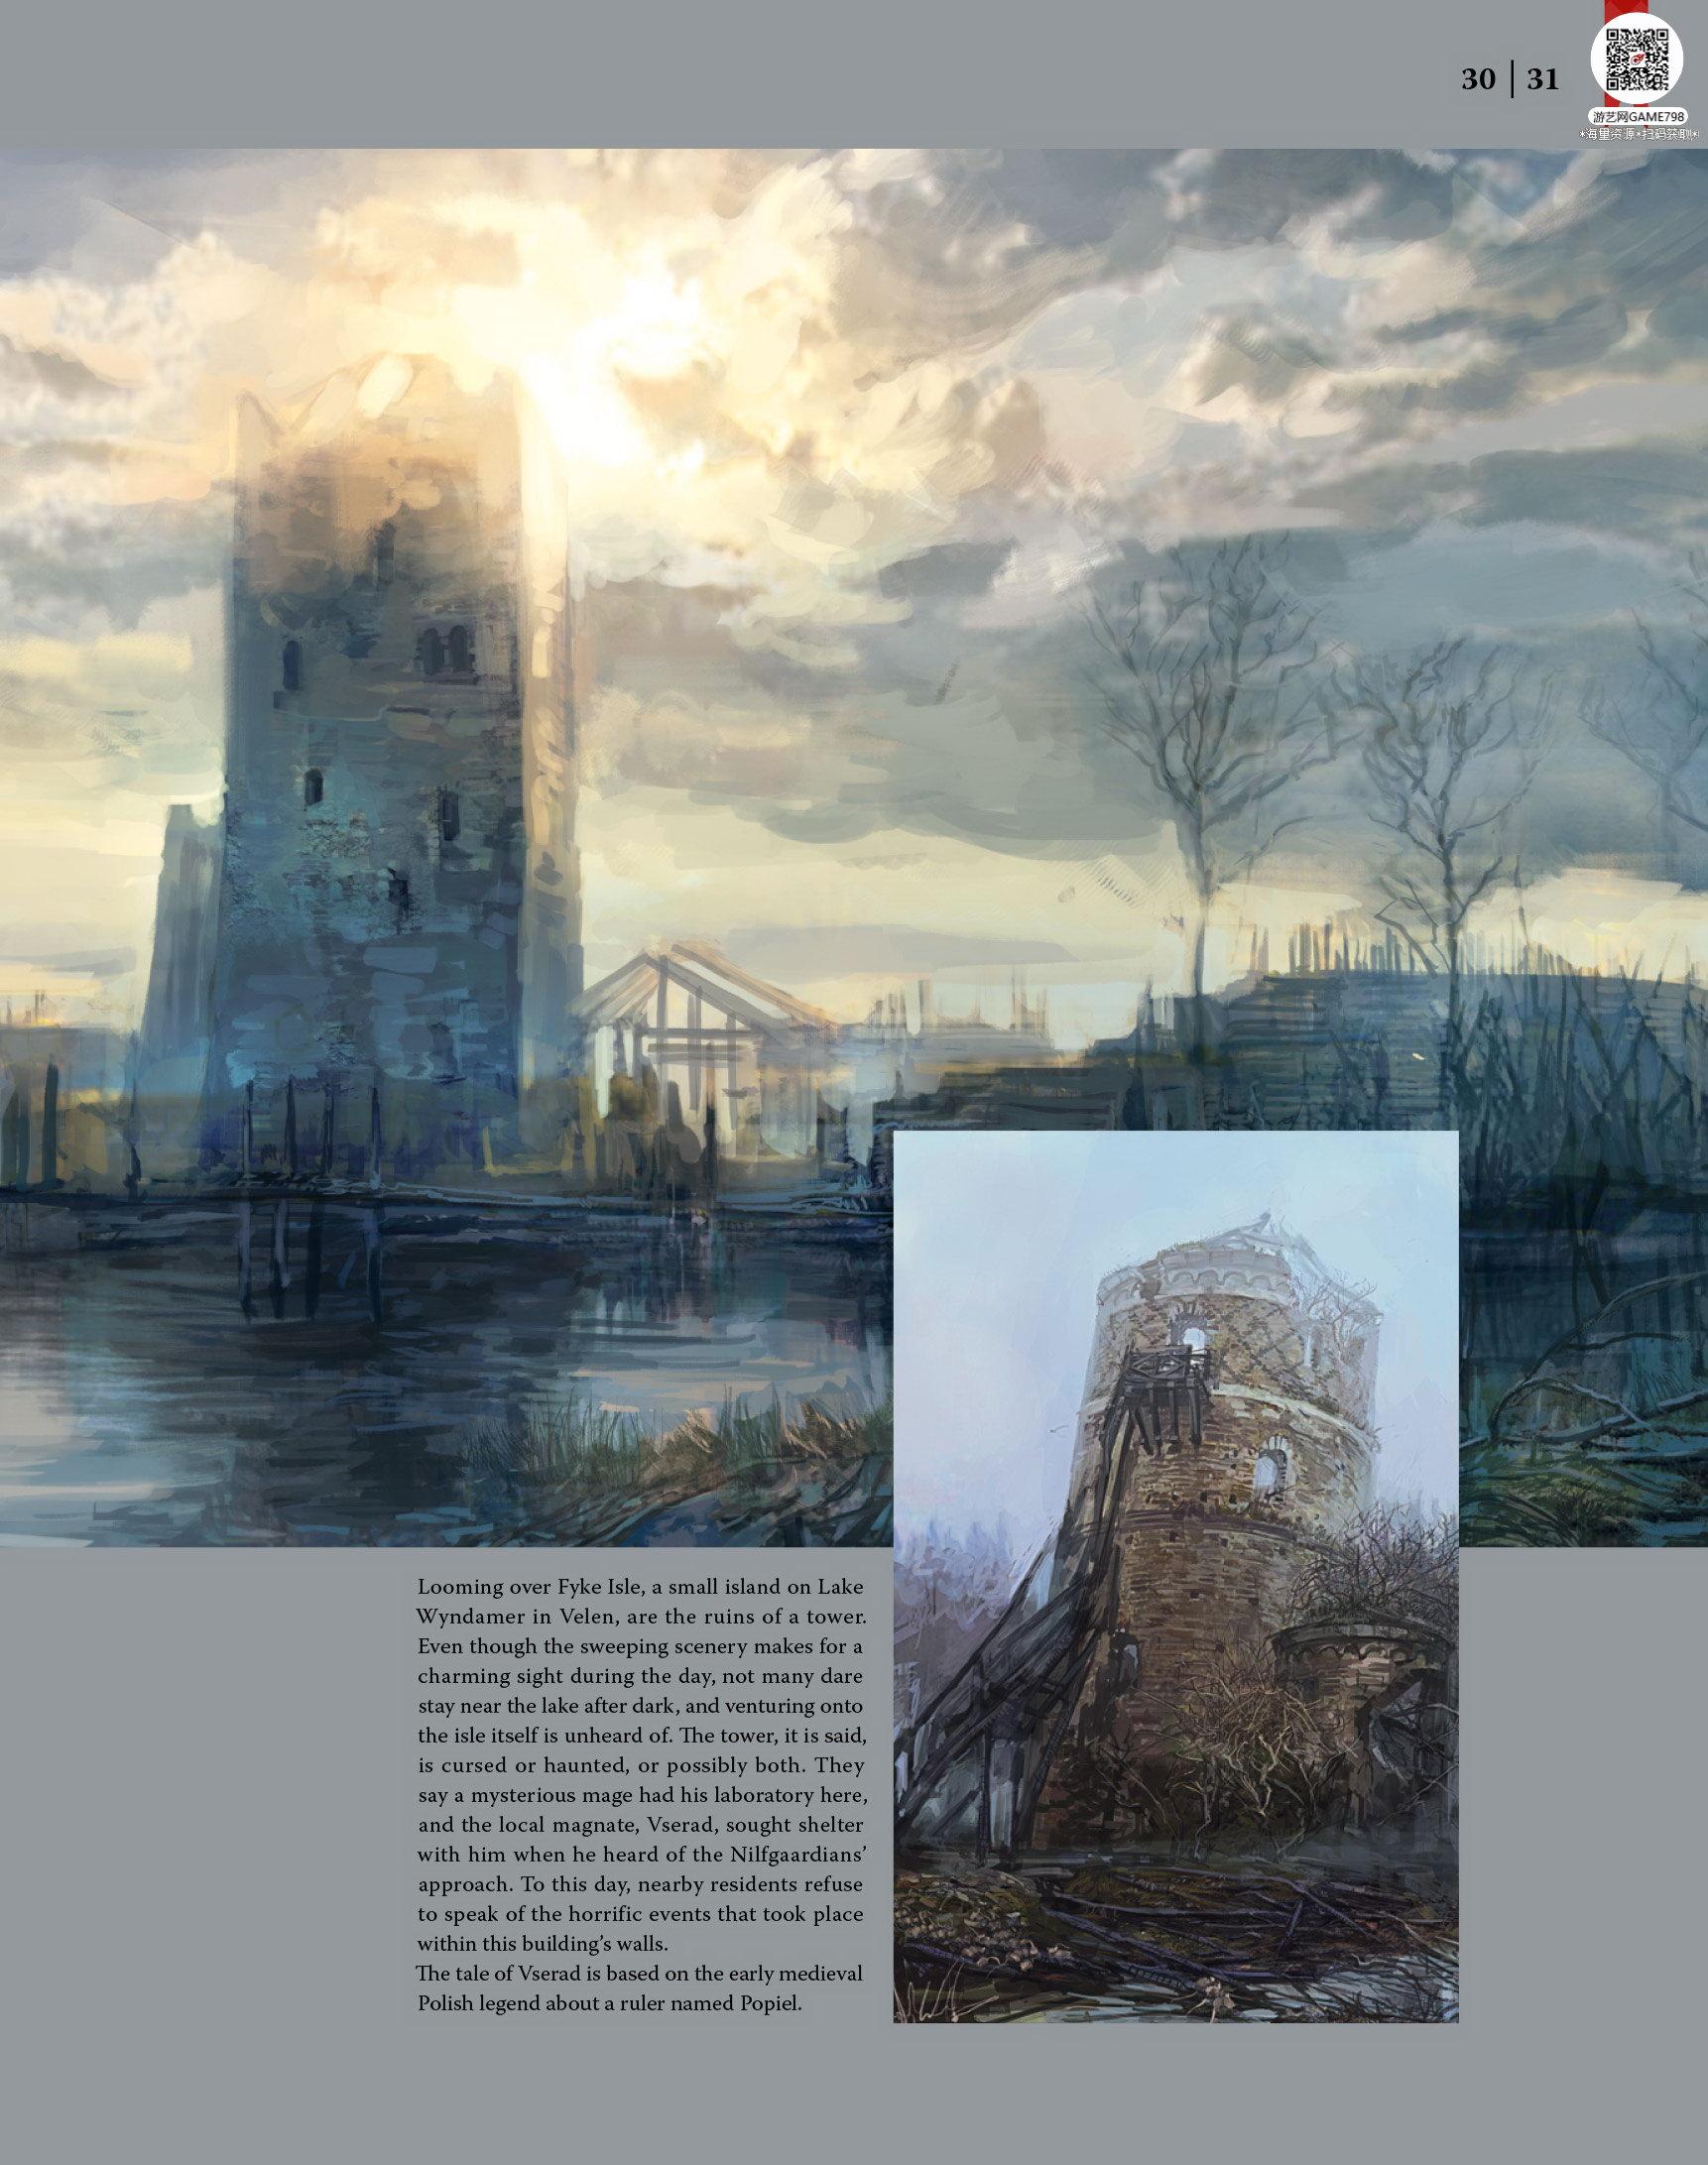 032_关注游艺网公众号获海量资源_次世代游戏巫师3(Witcher)官方原画概念设定.jpg